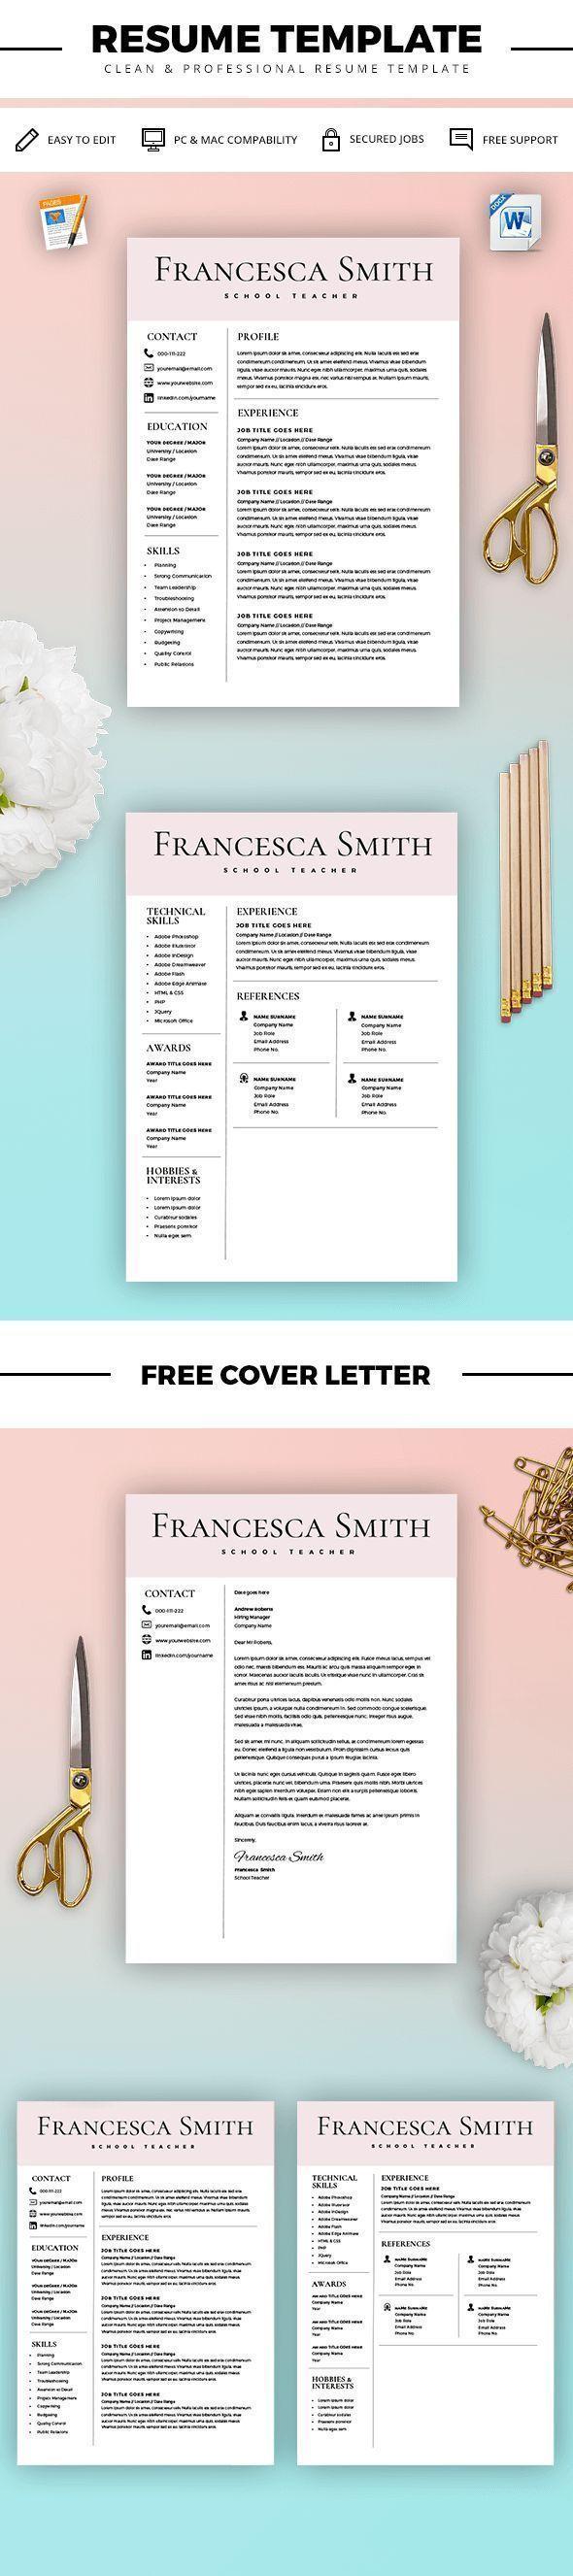 Teacher Resume Template - Resume for Teacher - Cover Letter for ...